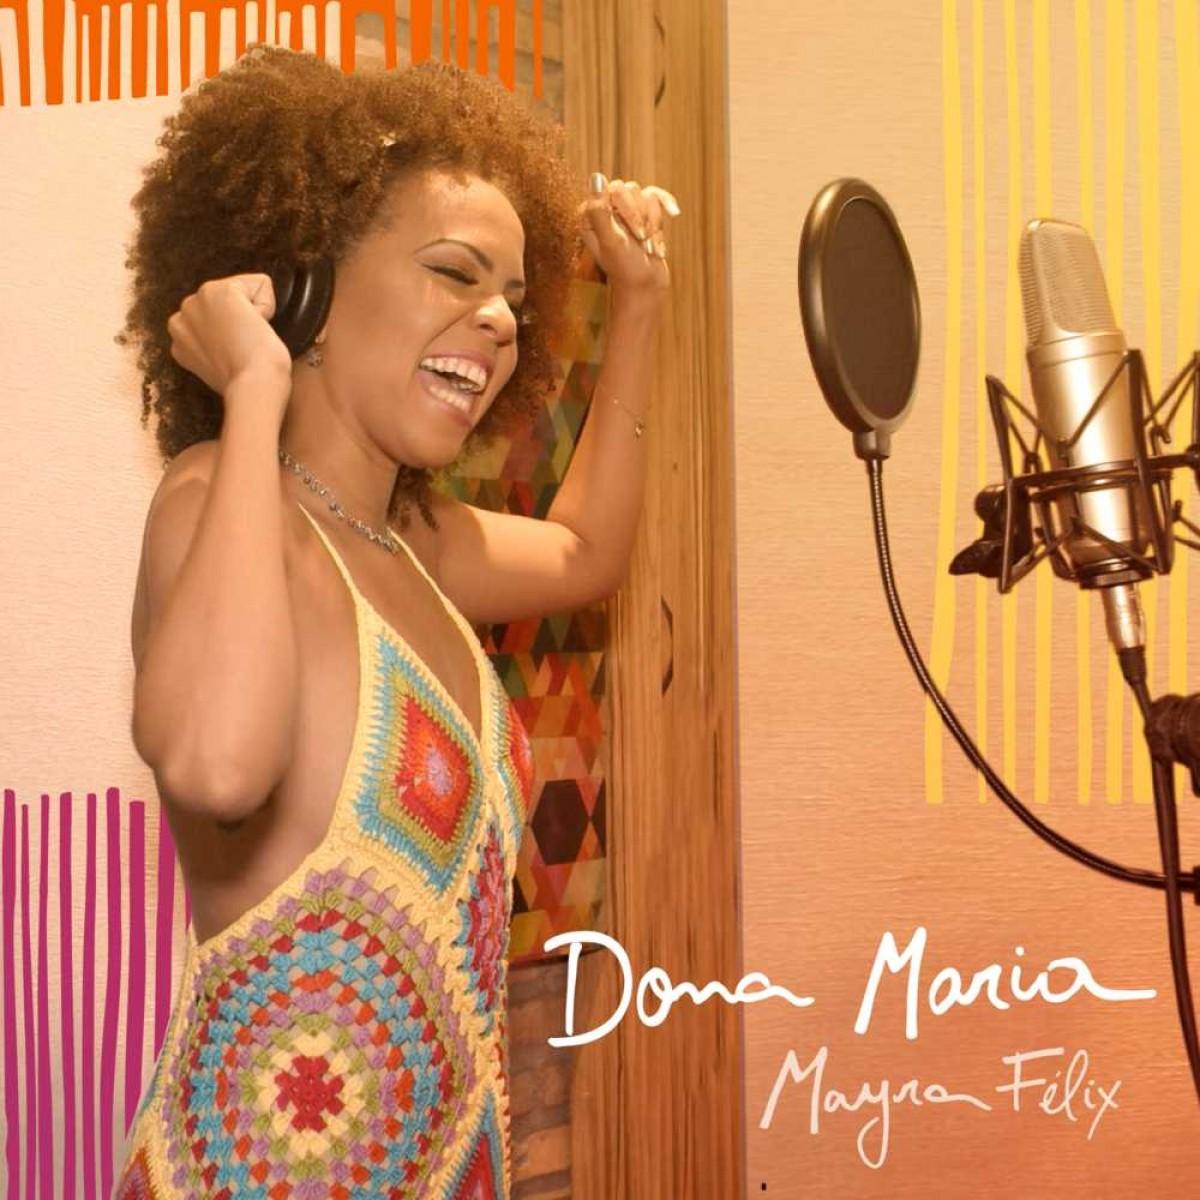 Mayra Félix lança novo single e videoclipe para exaltar a força da mulher no samba (Imagem: Assessoria)